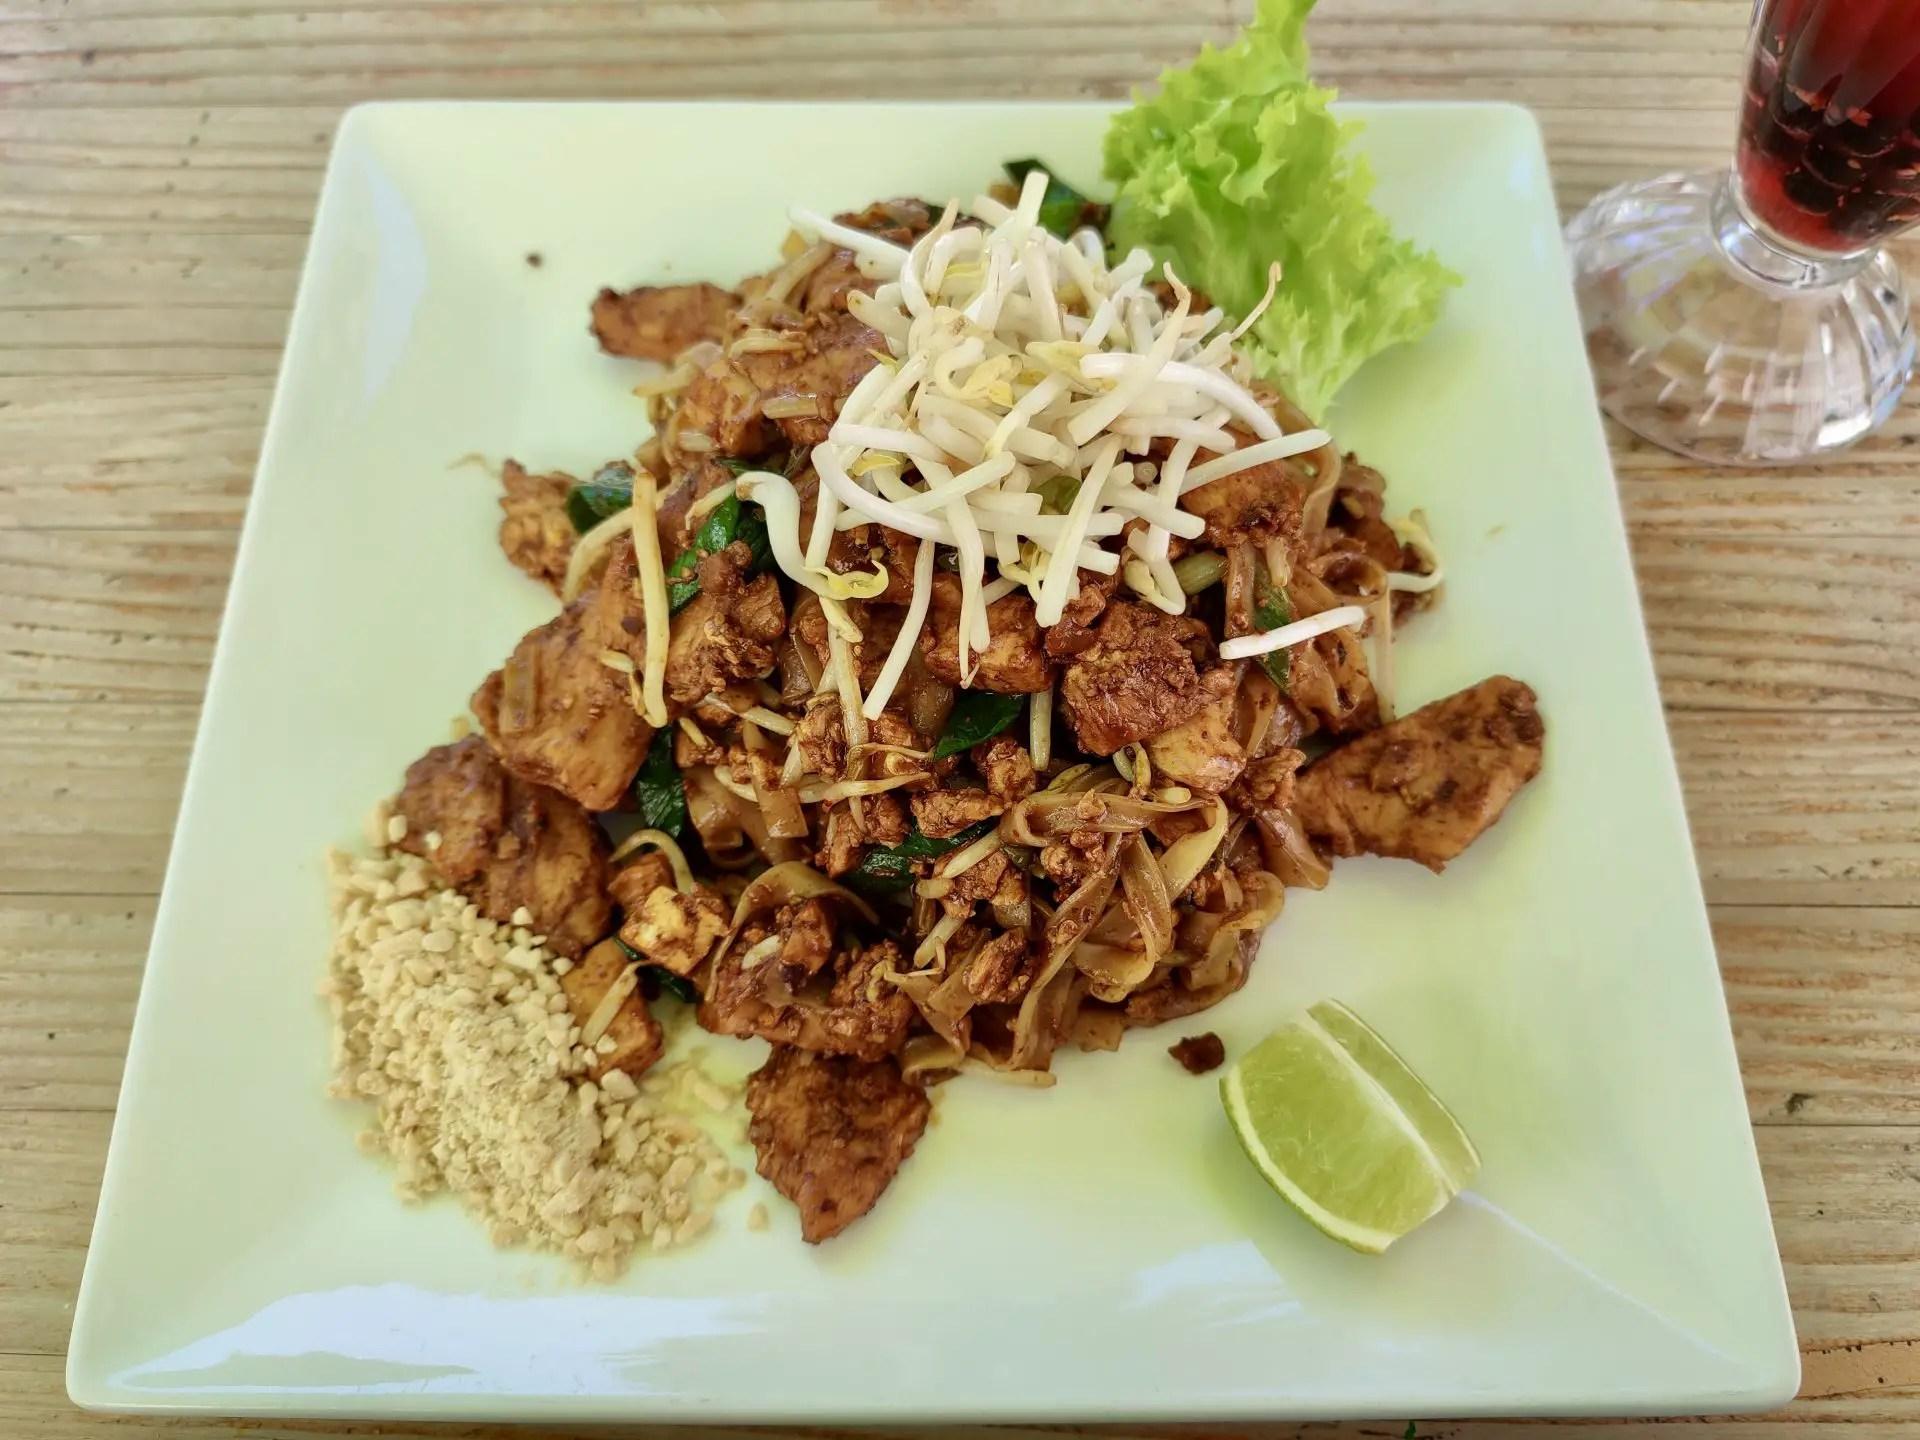 Comida tailandesa La Serena.